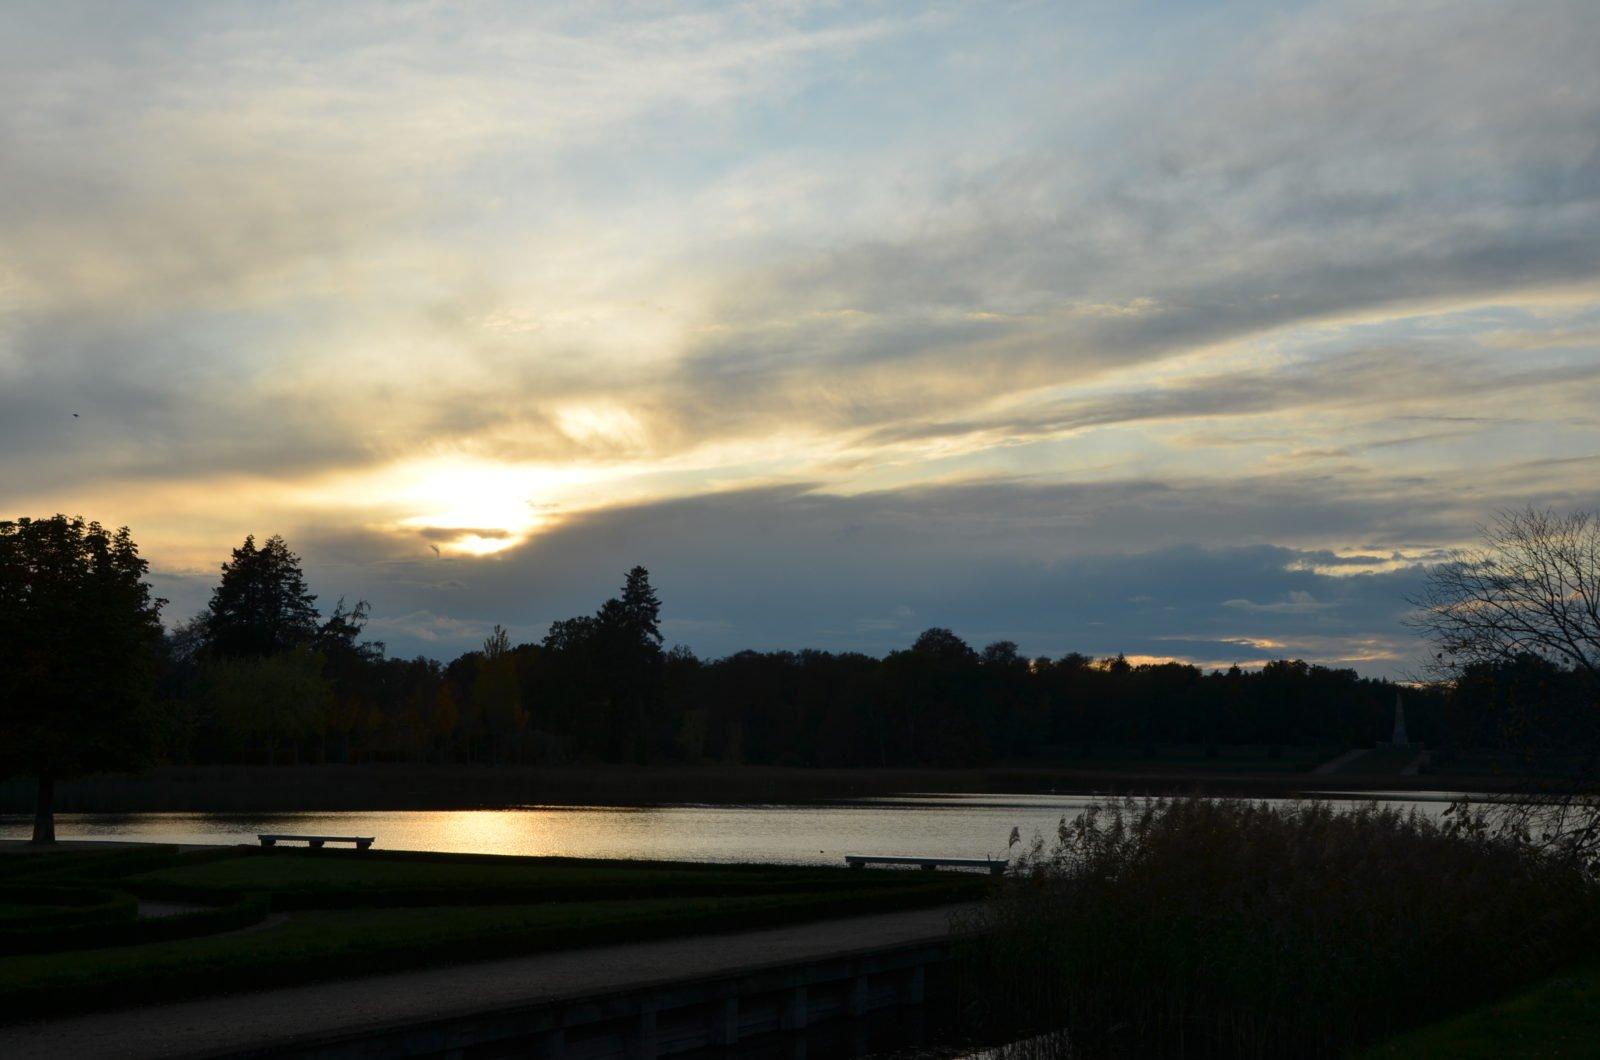 Ein Sonnenuntergang bei wolkenbedecktem Himmel, direkt am Wasser. Über den See hinweg sind im Hintergrund sind ein Wald und ein Obelisk.